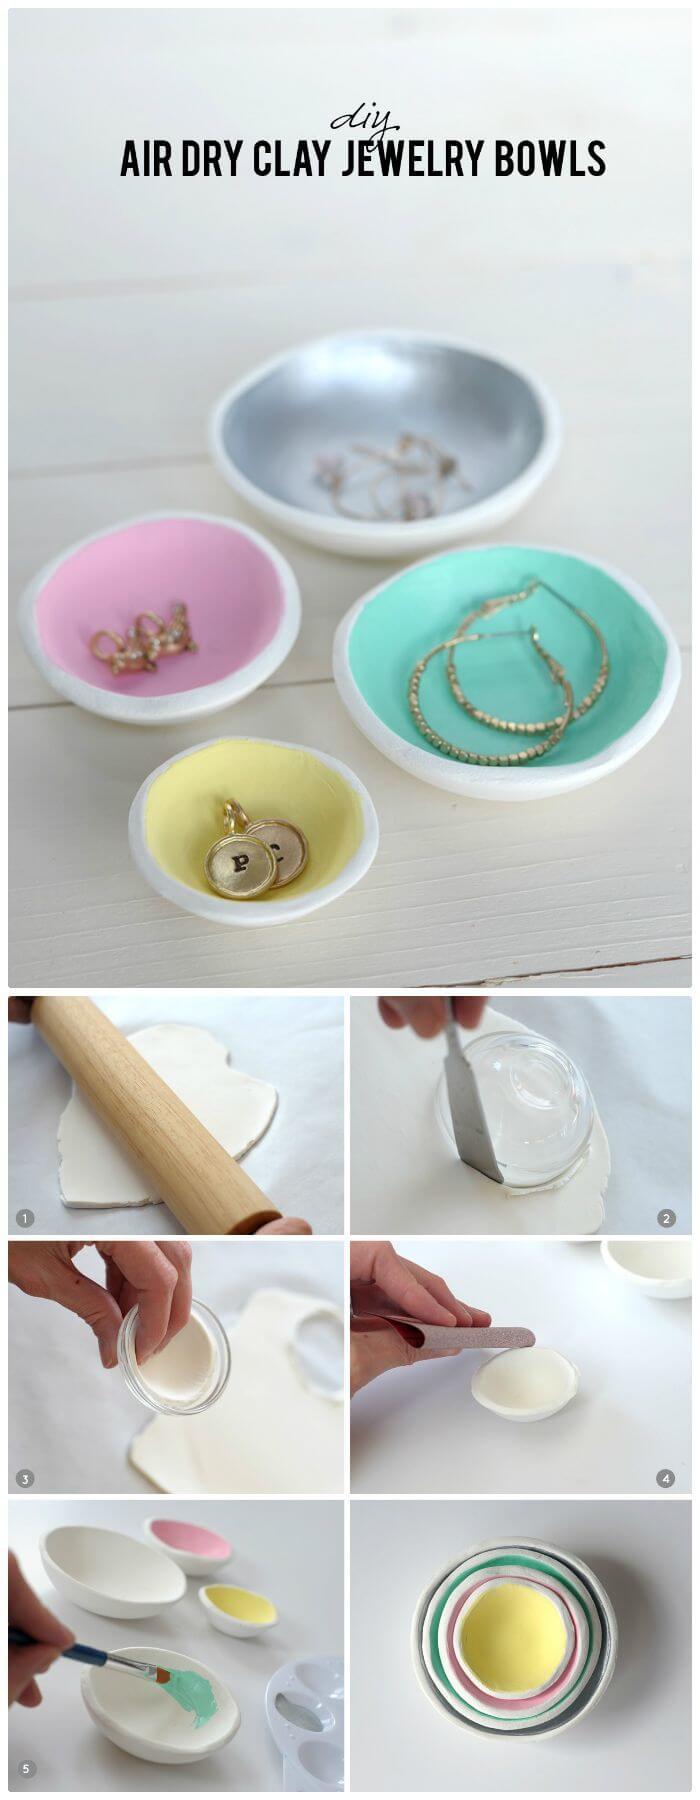 Cuencos de joyería de arcilla seca al aire DIY